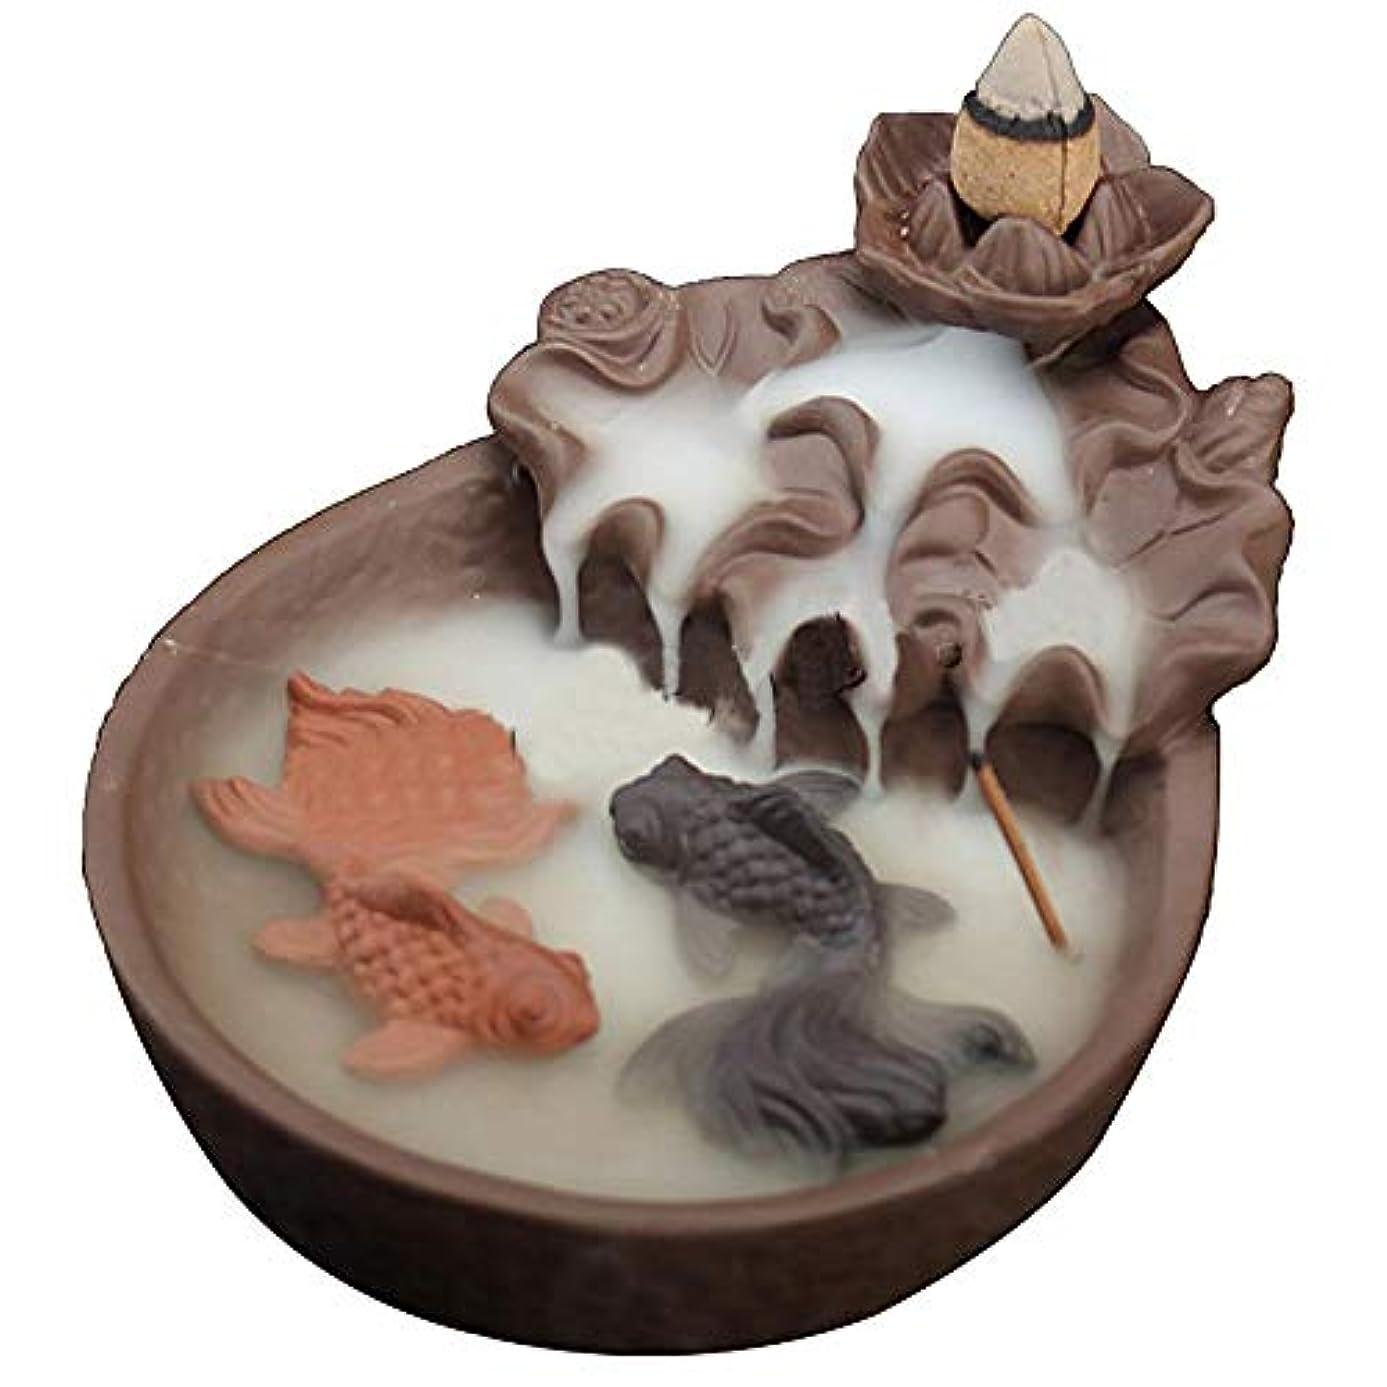 ジャンプことわざバイオリニストLEAFIS セラミック製 魚の逆流香炉 お香 コーン型お香 スティックホルダー ヨガルーム ホームデコレーション 手芸ギフトに最適 コーン10個付き